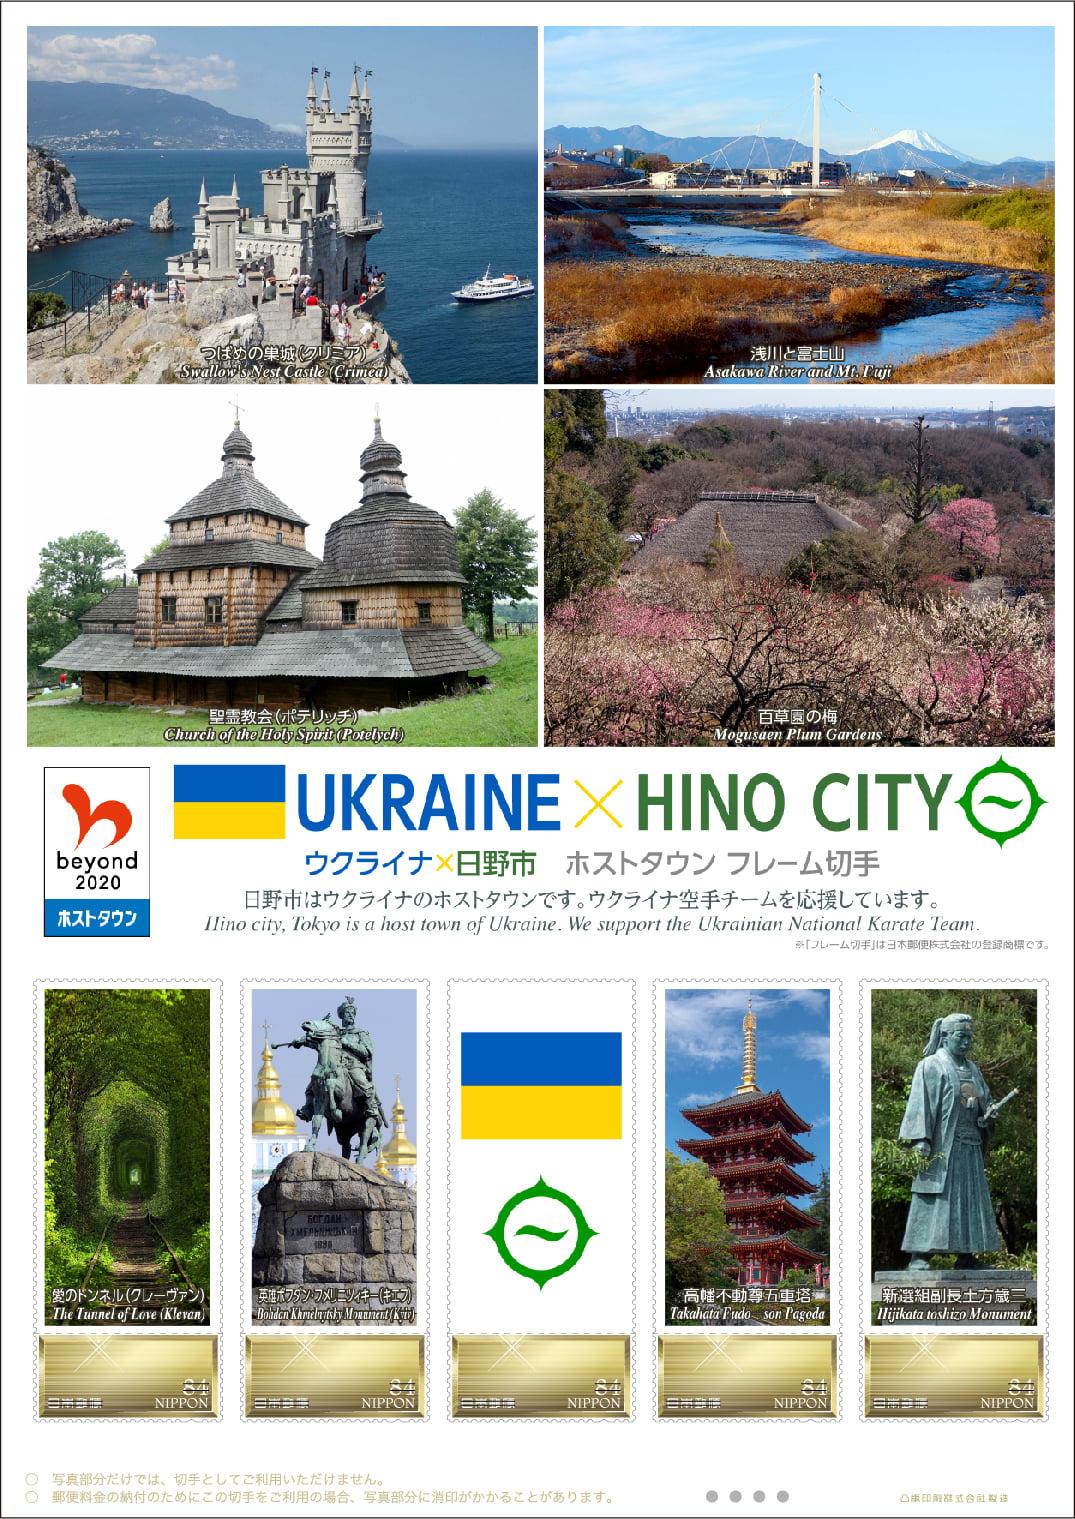 В Японии появятся почтовые марки с украинскими пейзажами, фото которых предоставил Укринформ